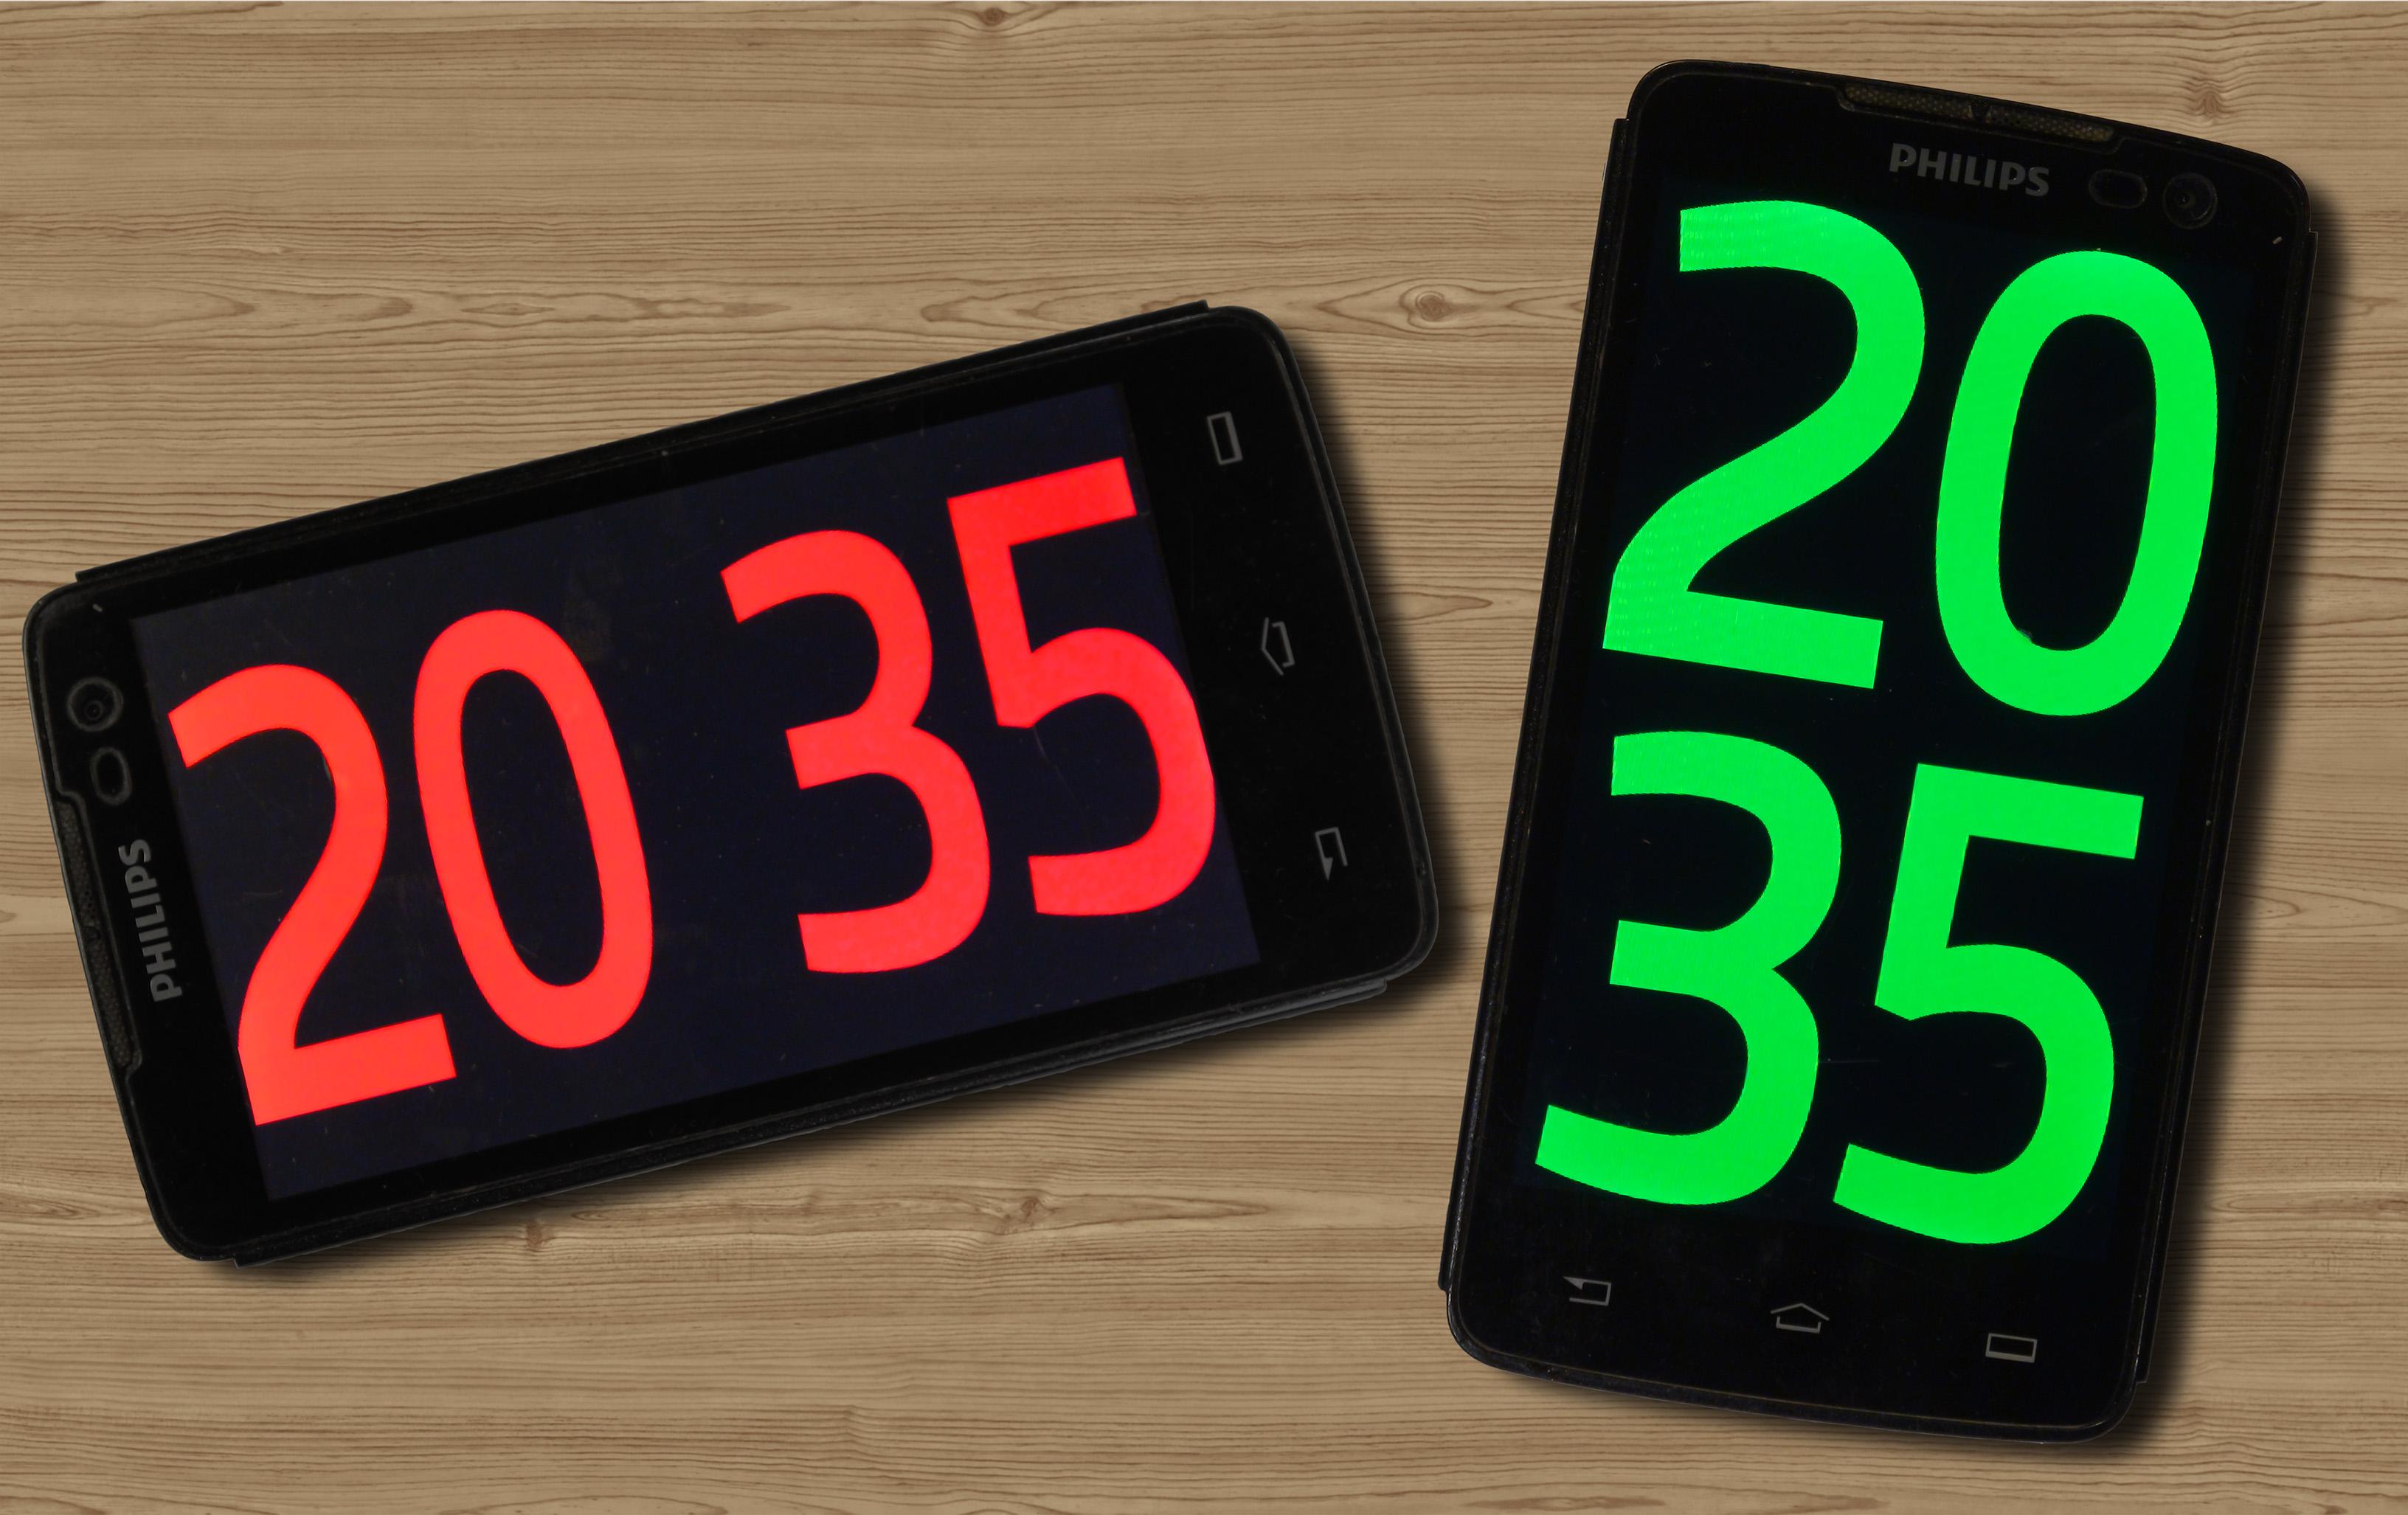 8fae3c10 Речь в статье пойдёт о том, как старый ненужный мобильник переделать в  отличные настенные часы с крупными цифрами, всегда точным временем и  резервным ...